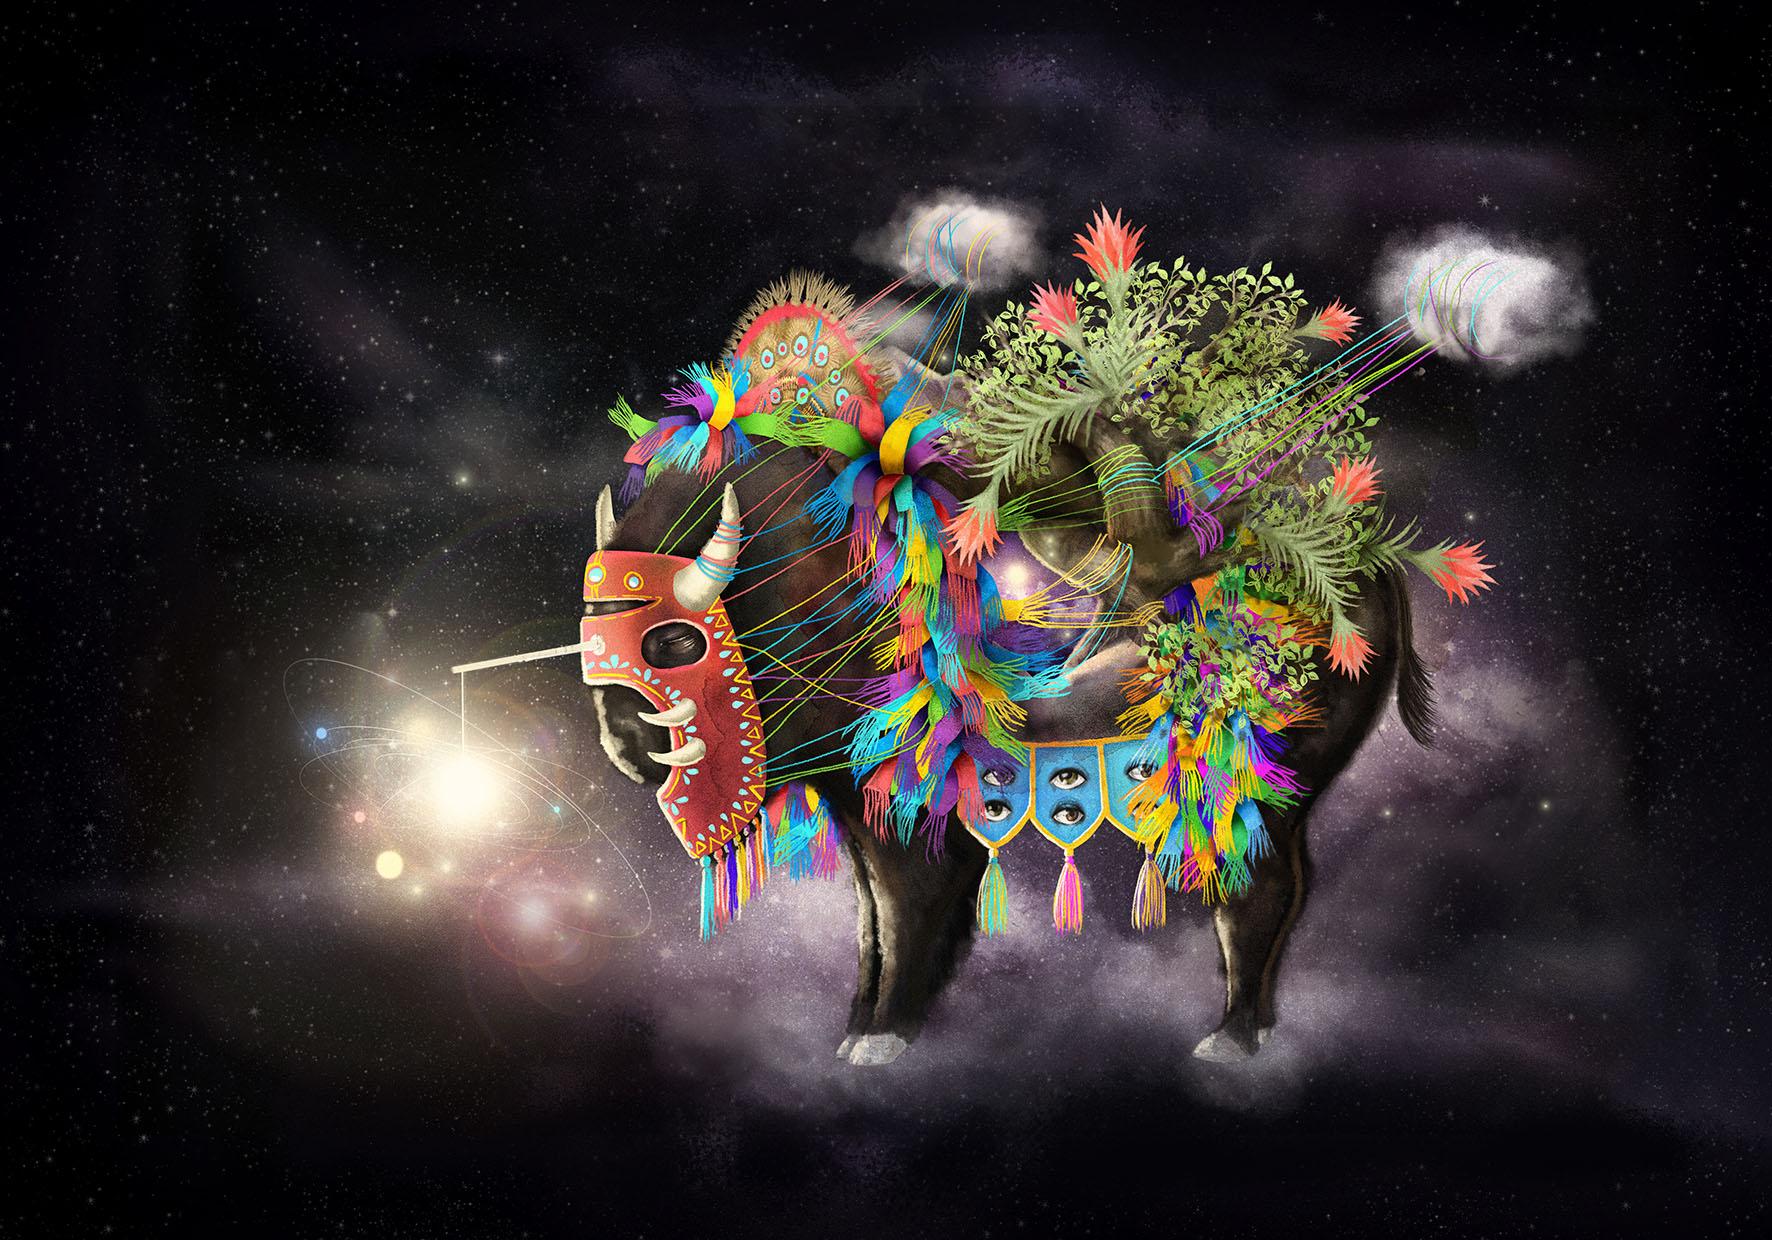 Abyssal beast. Digital illustration